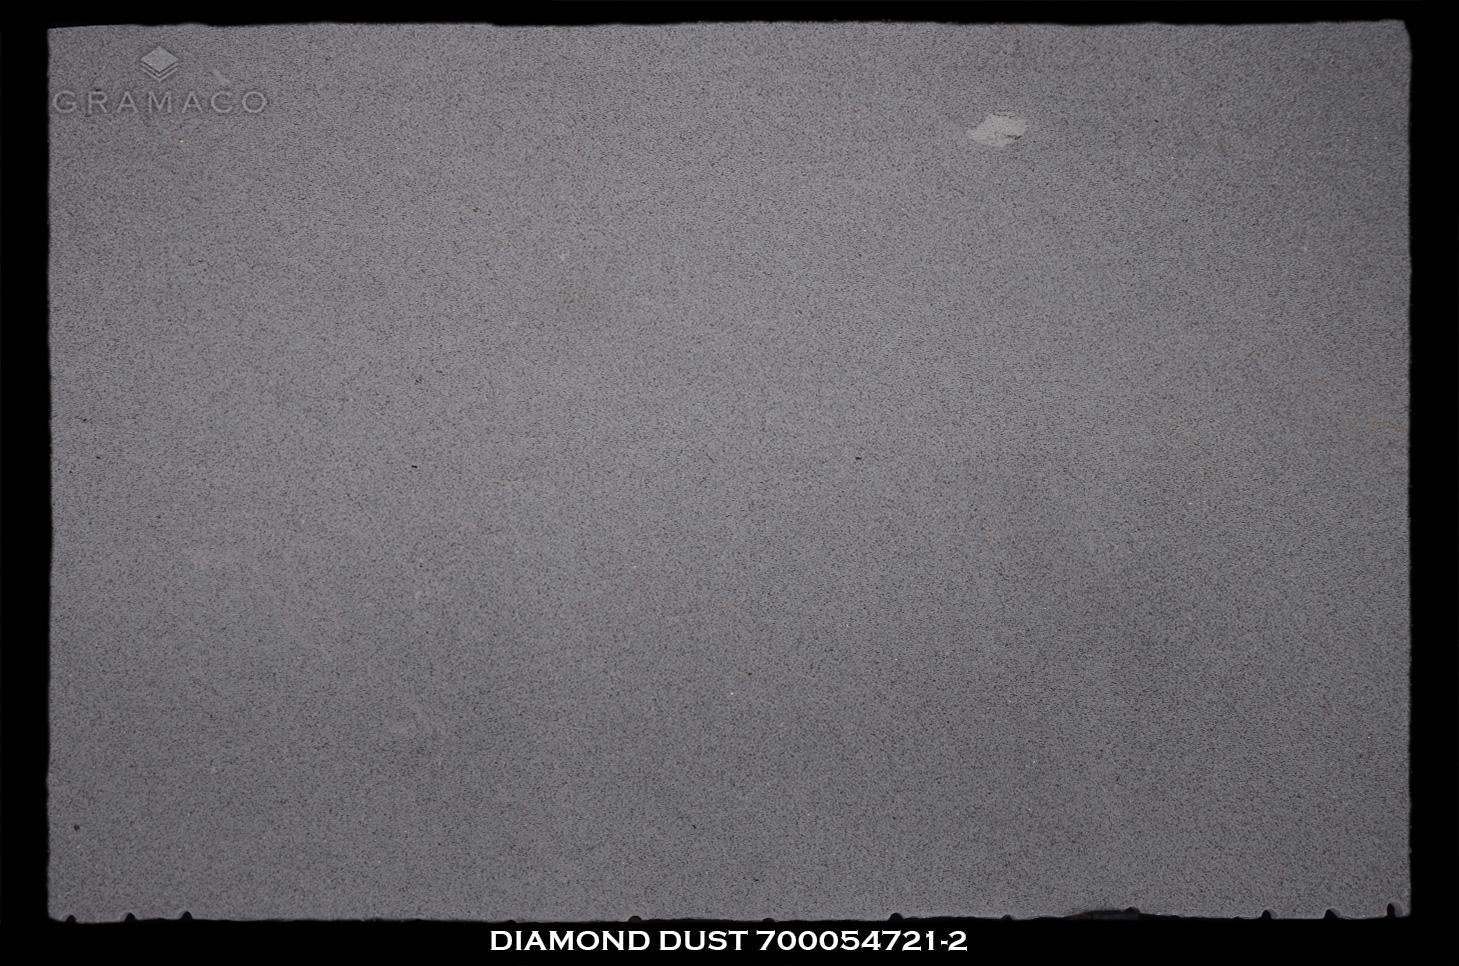 diamond_dust7000547210-2--slab